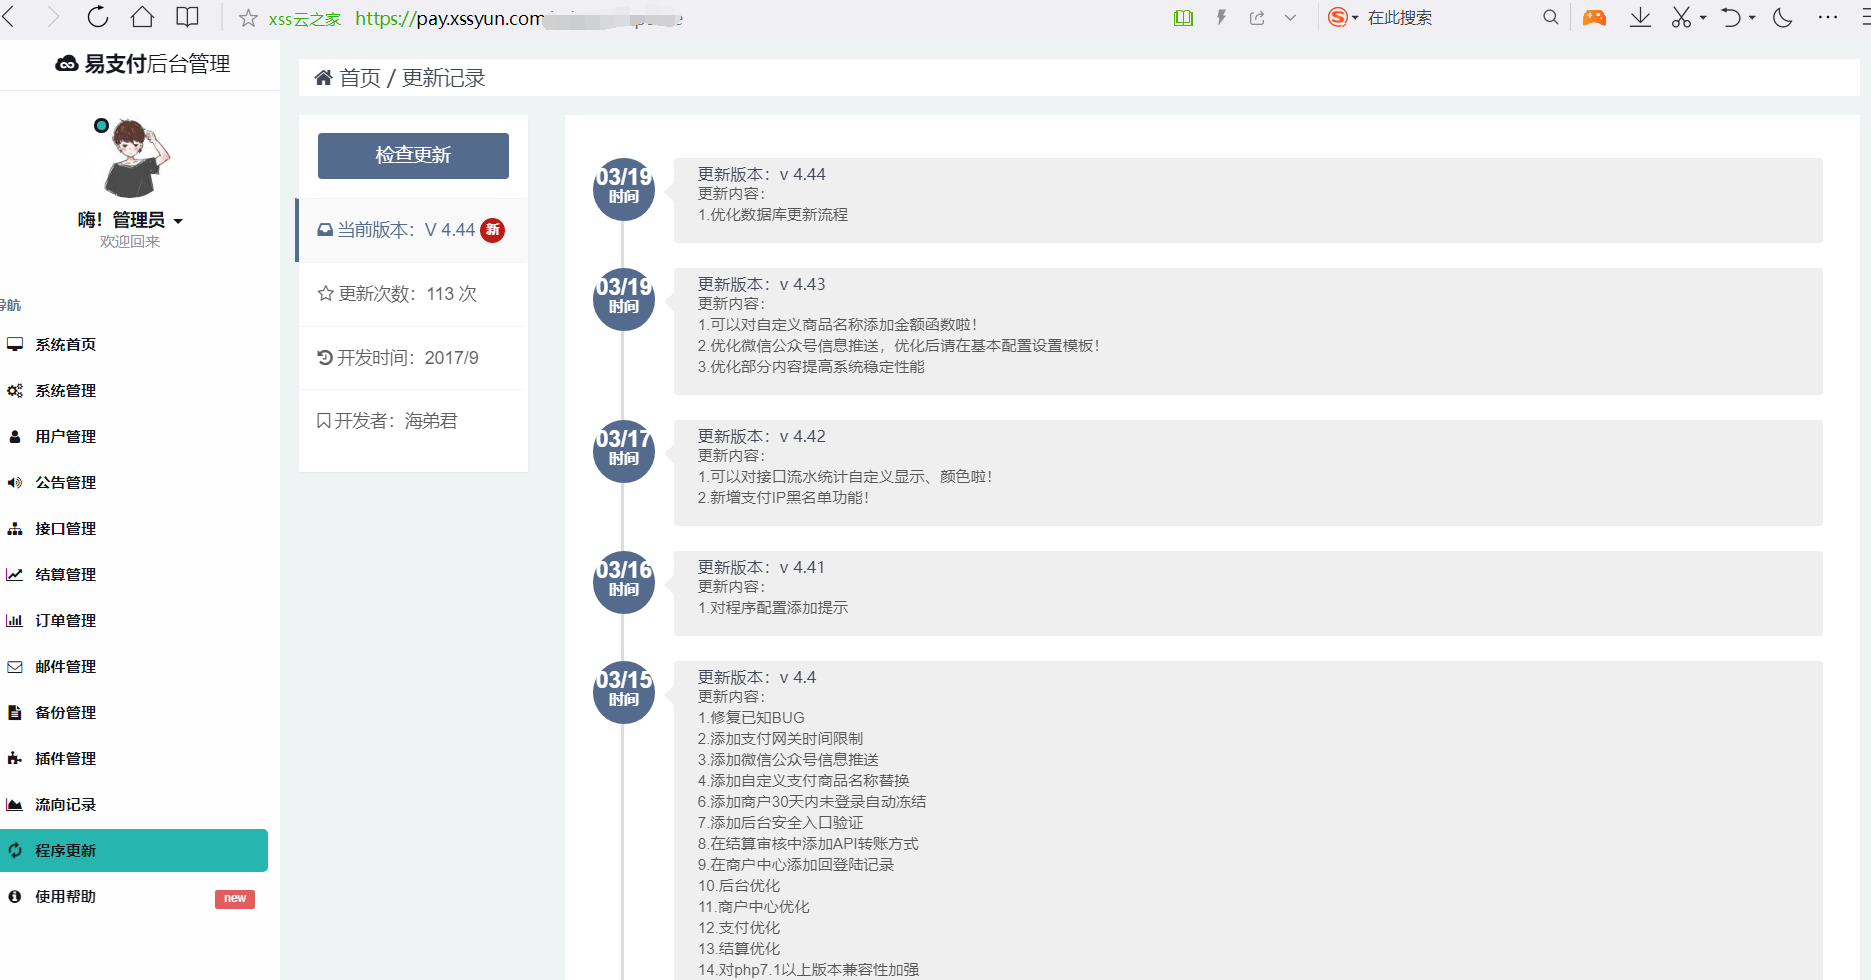 2020年海弟易支付最新源码(开源)v4.44